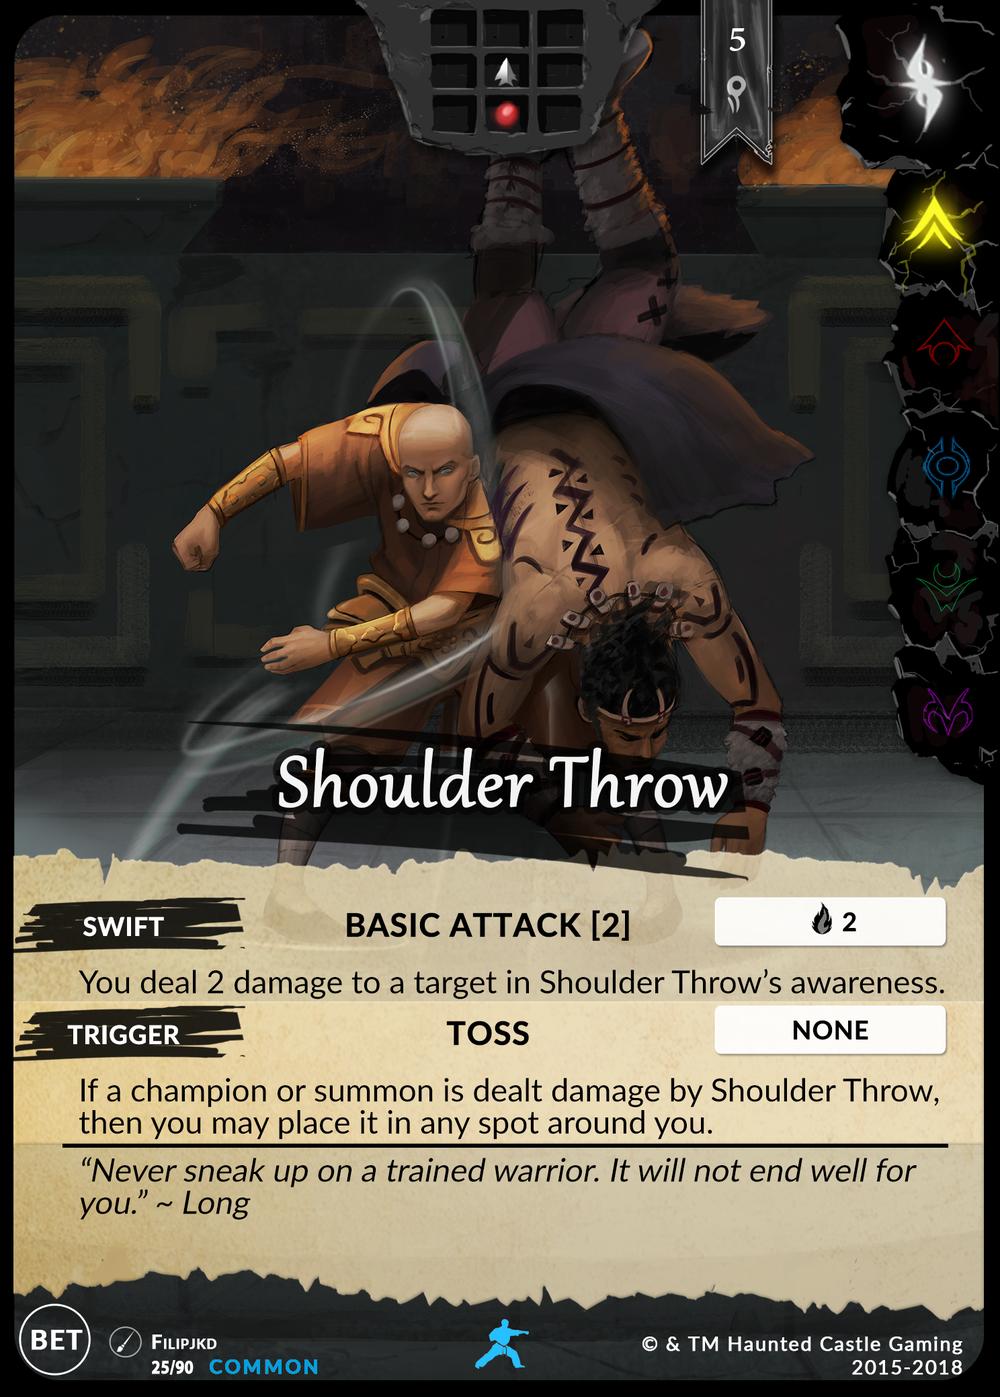 25-Shoulder Throw-Trimmed.png